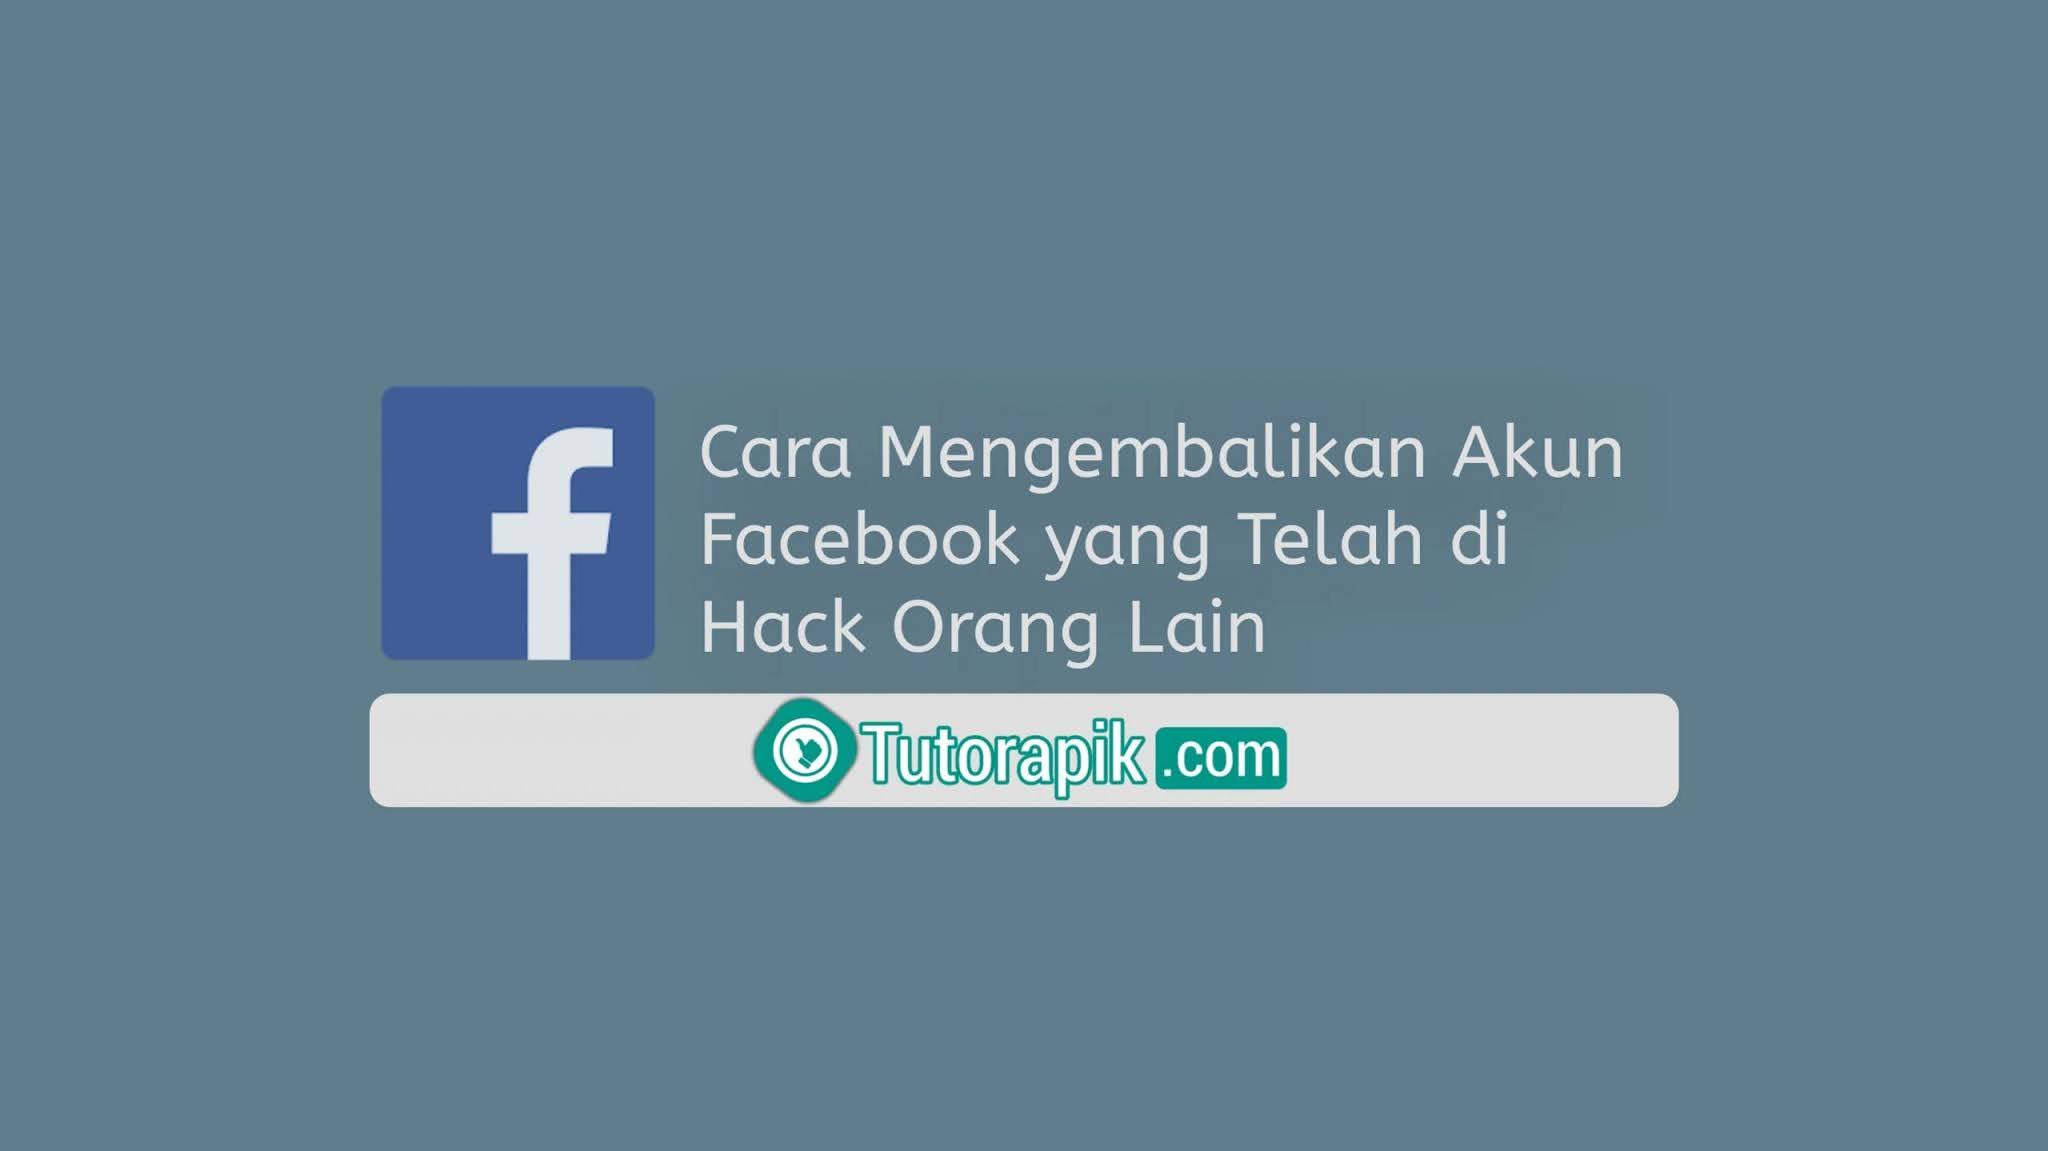 Cara Mengembalikan Akun Facebook yang Telah di Hack Orang Lain